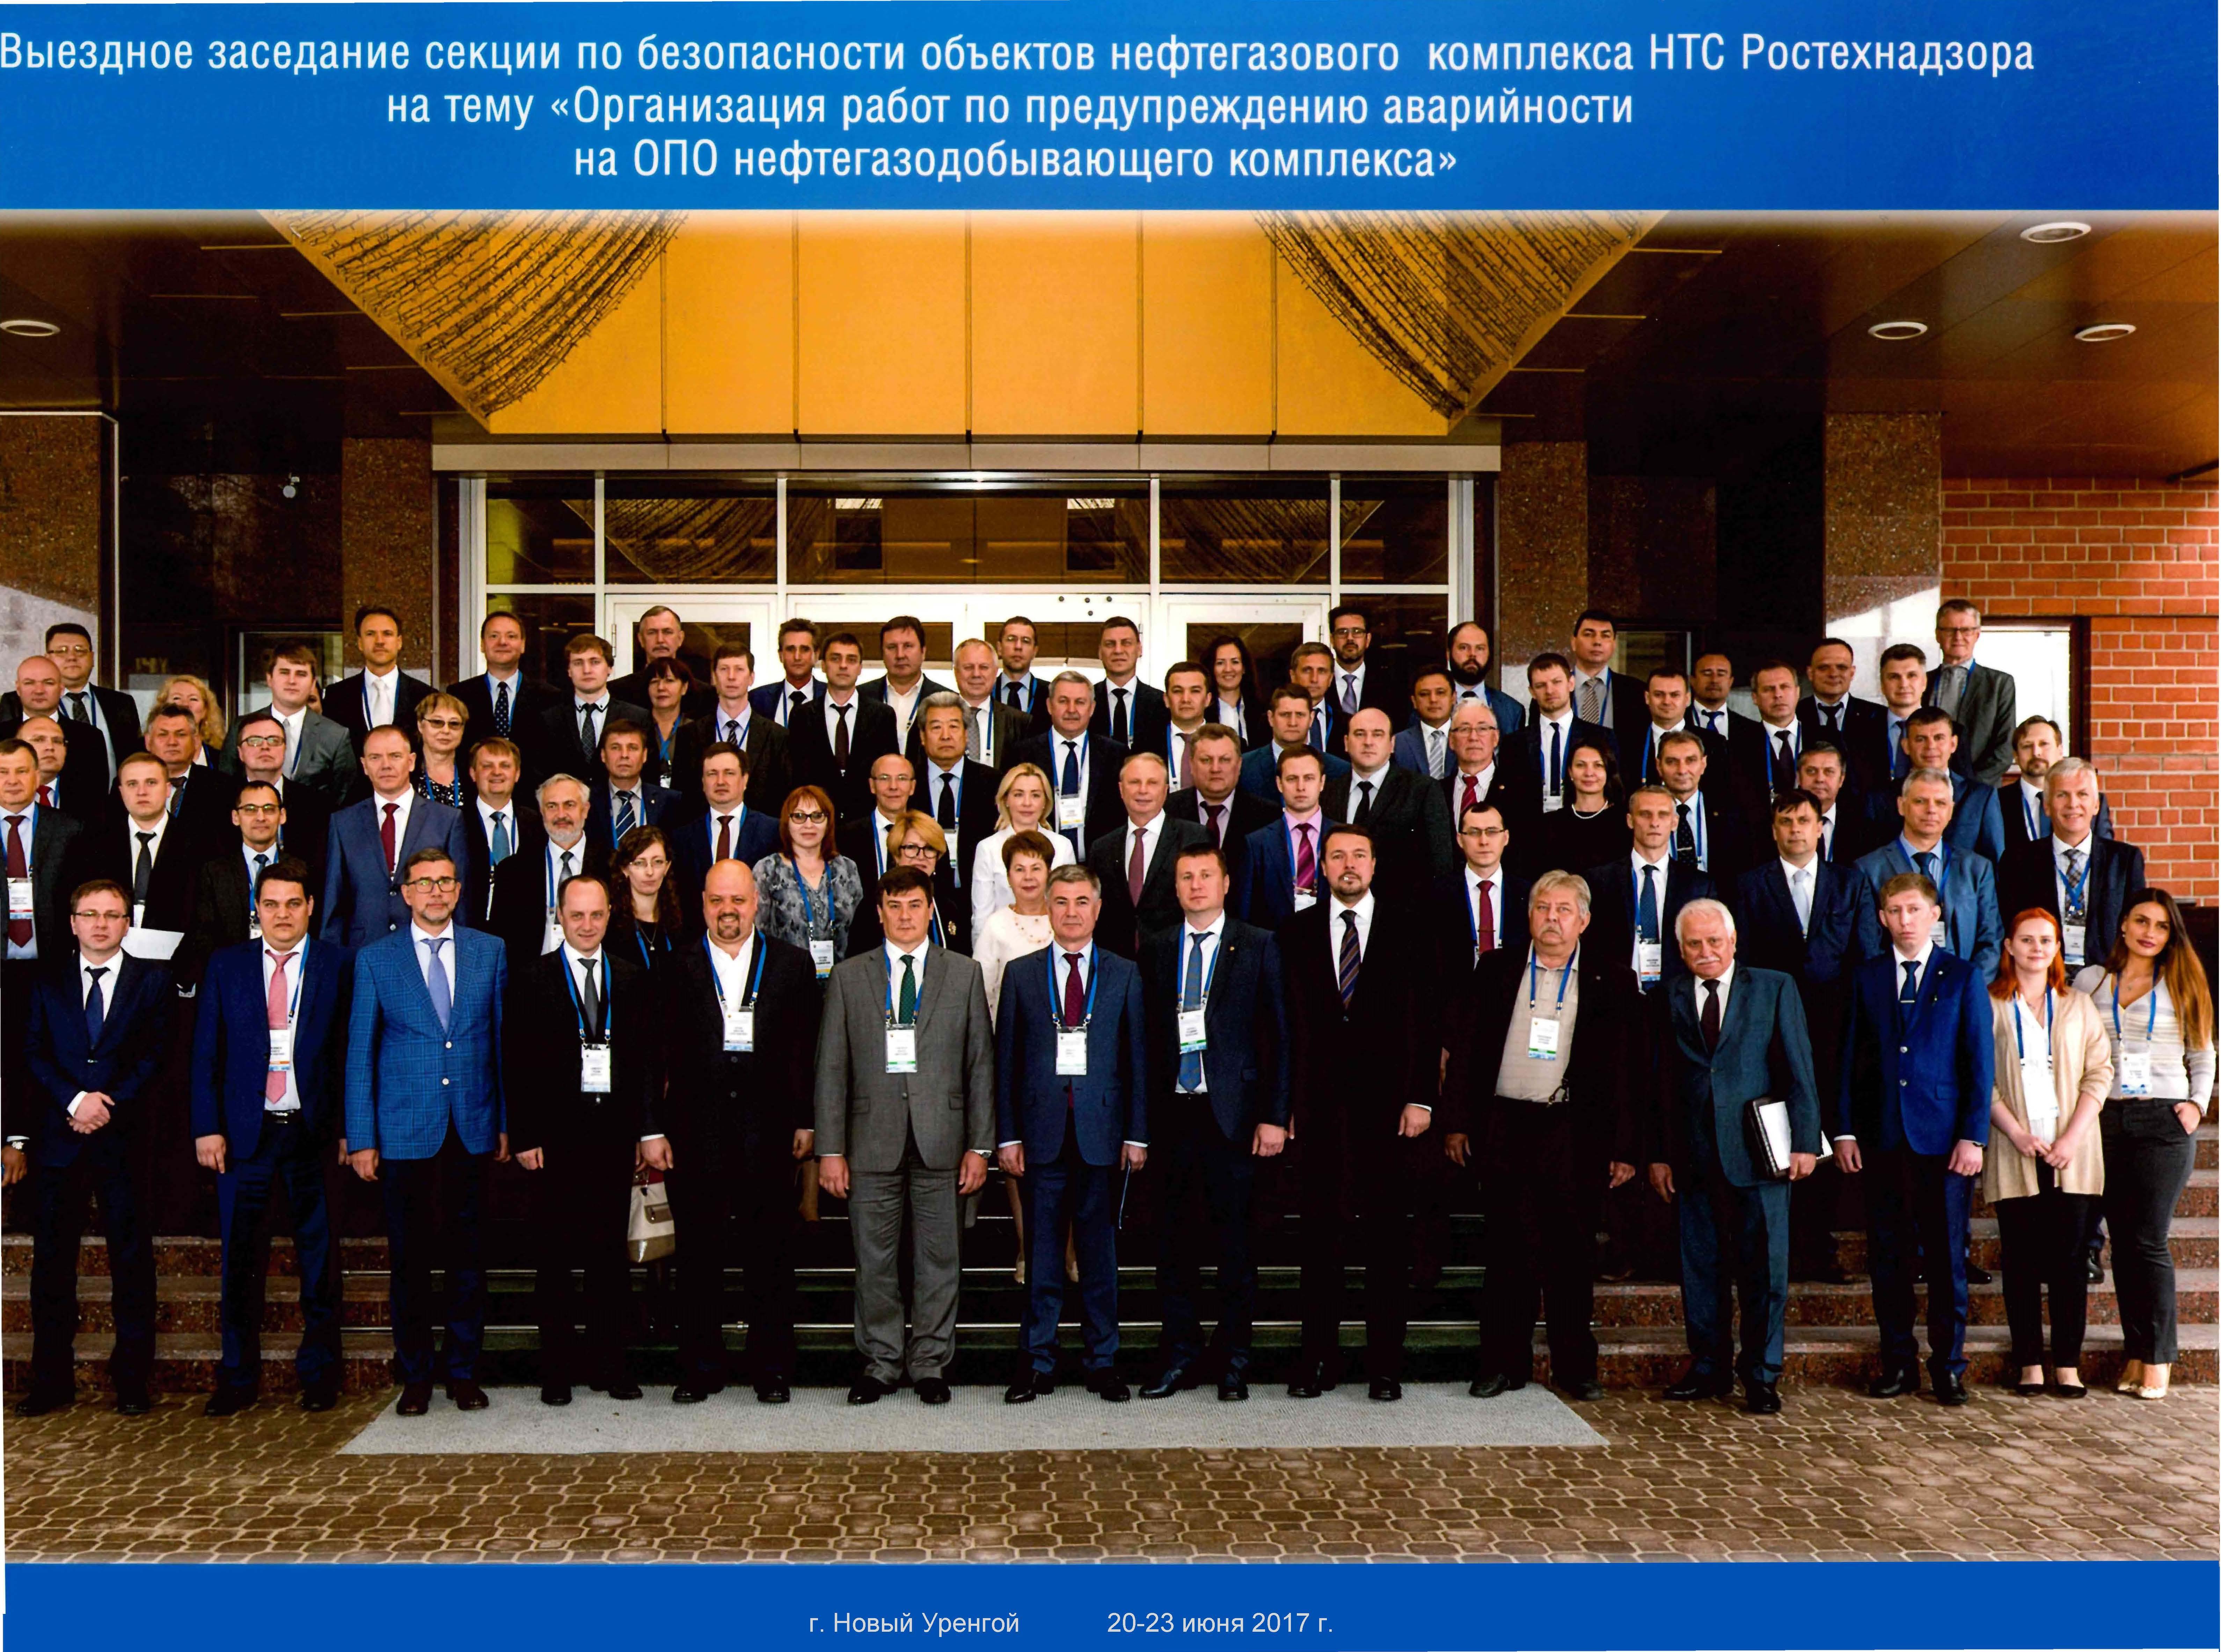 Заседание секции по безопасности объектов нефтегазового комплекса НТС Ростехнадзора